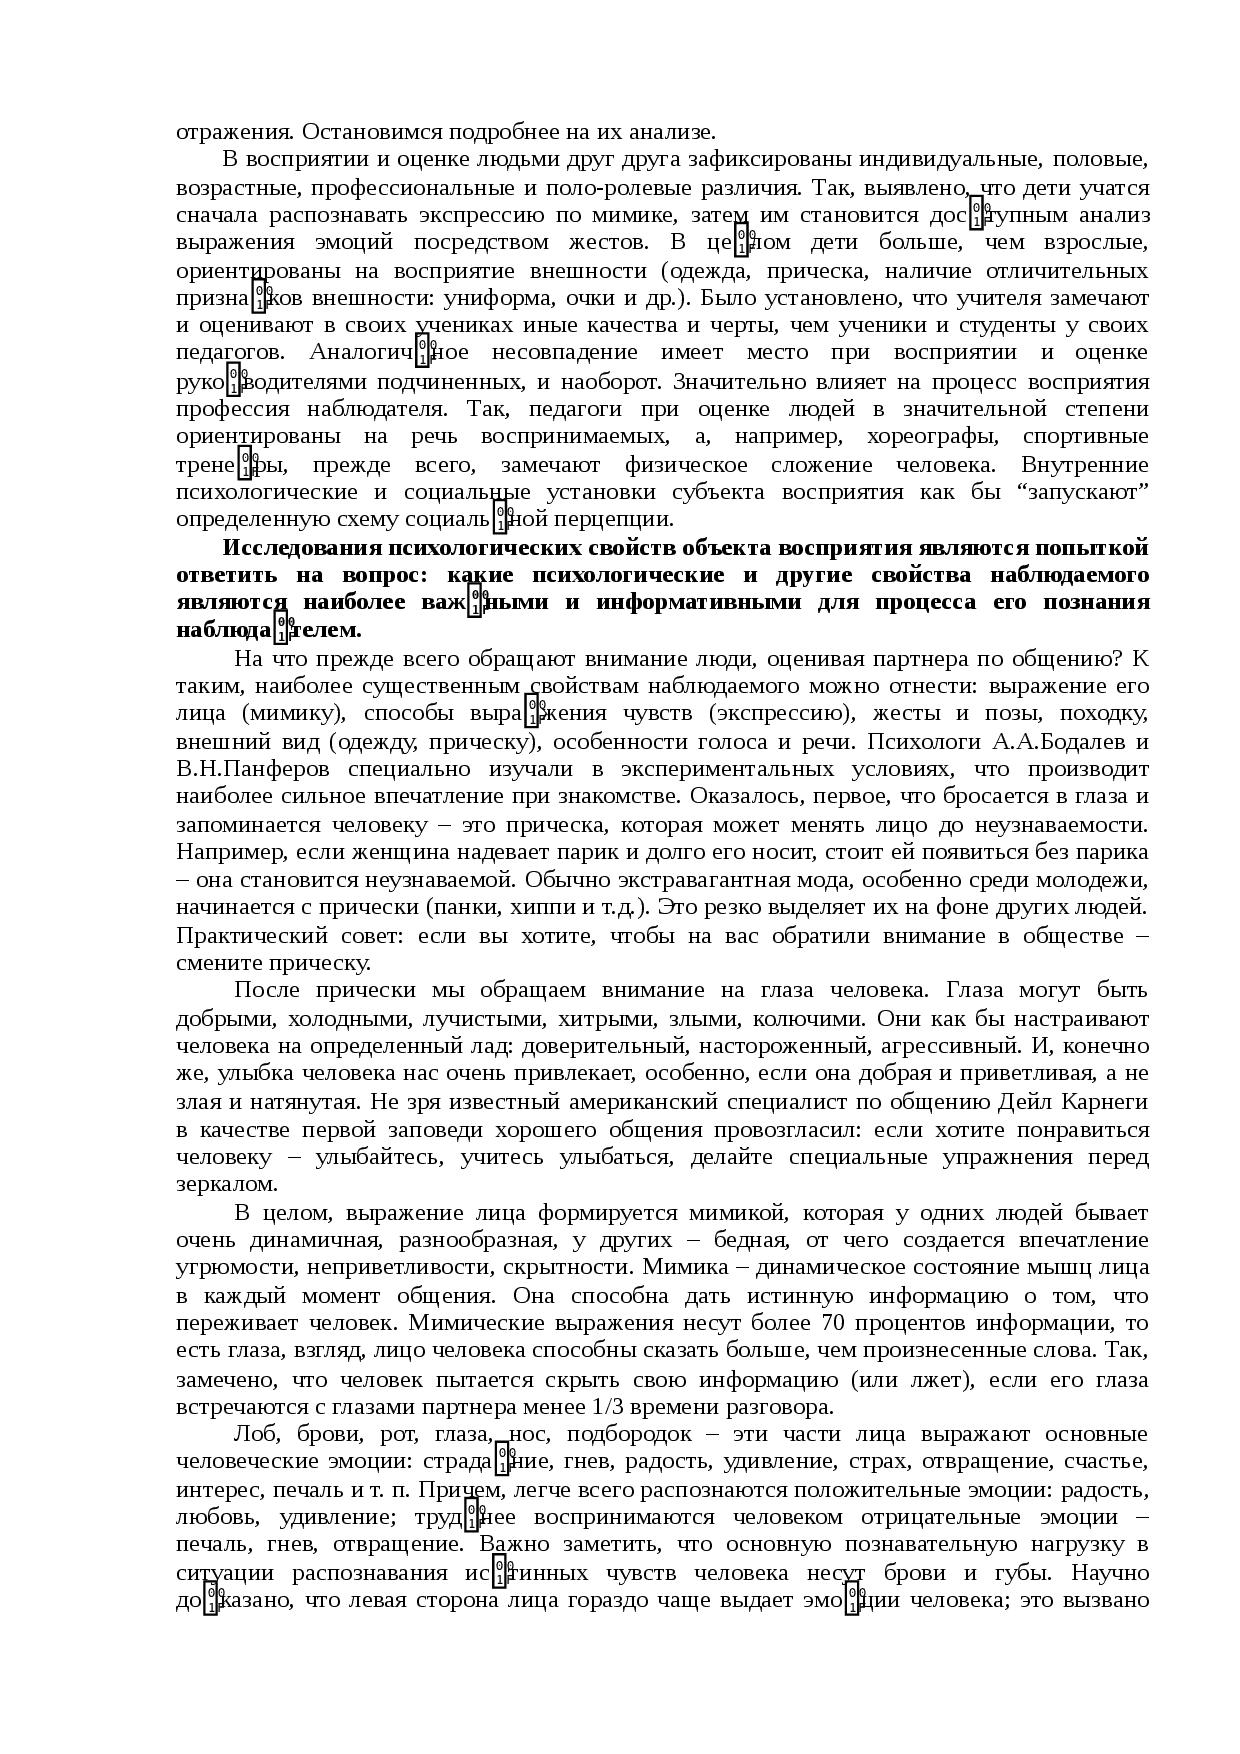 Каузальная атрибуция в психологии: теория и примеры